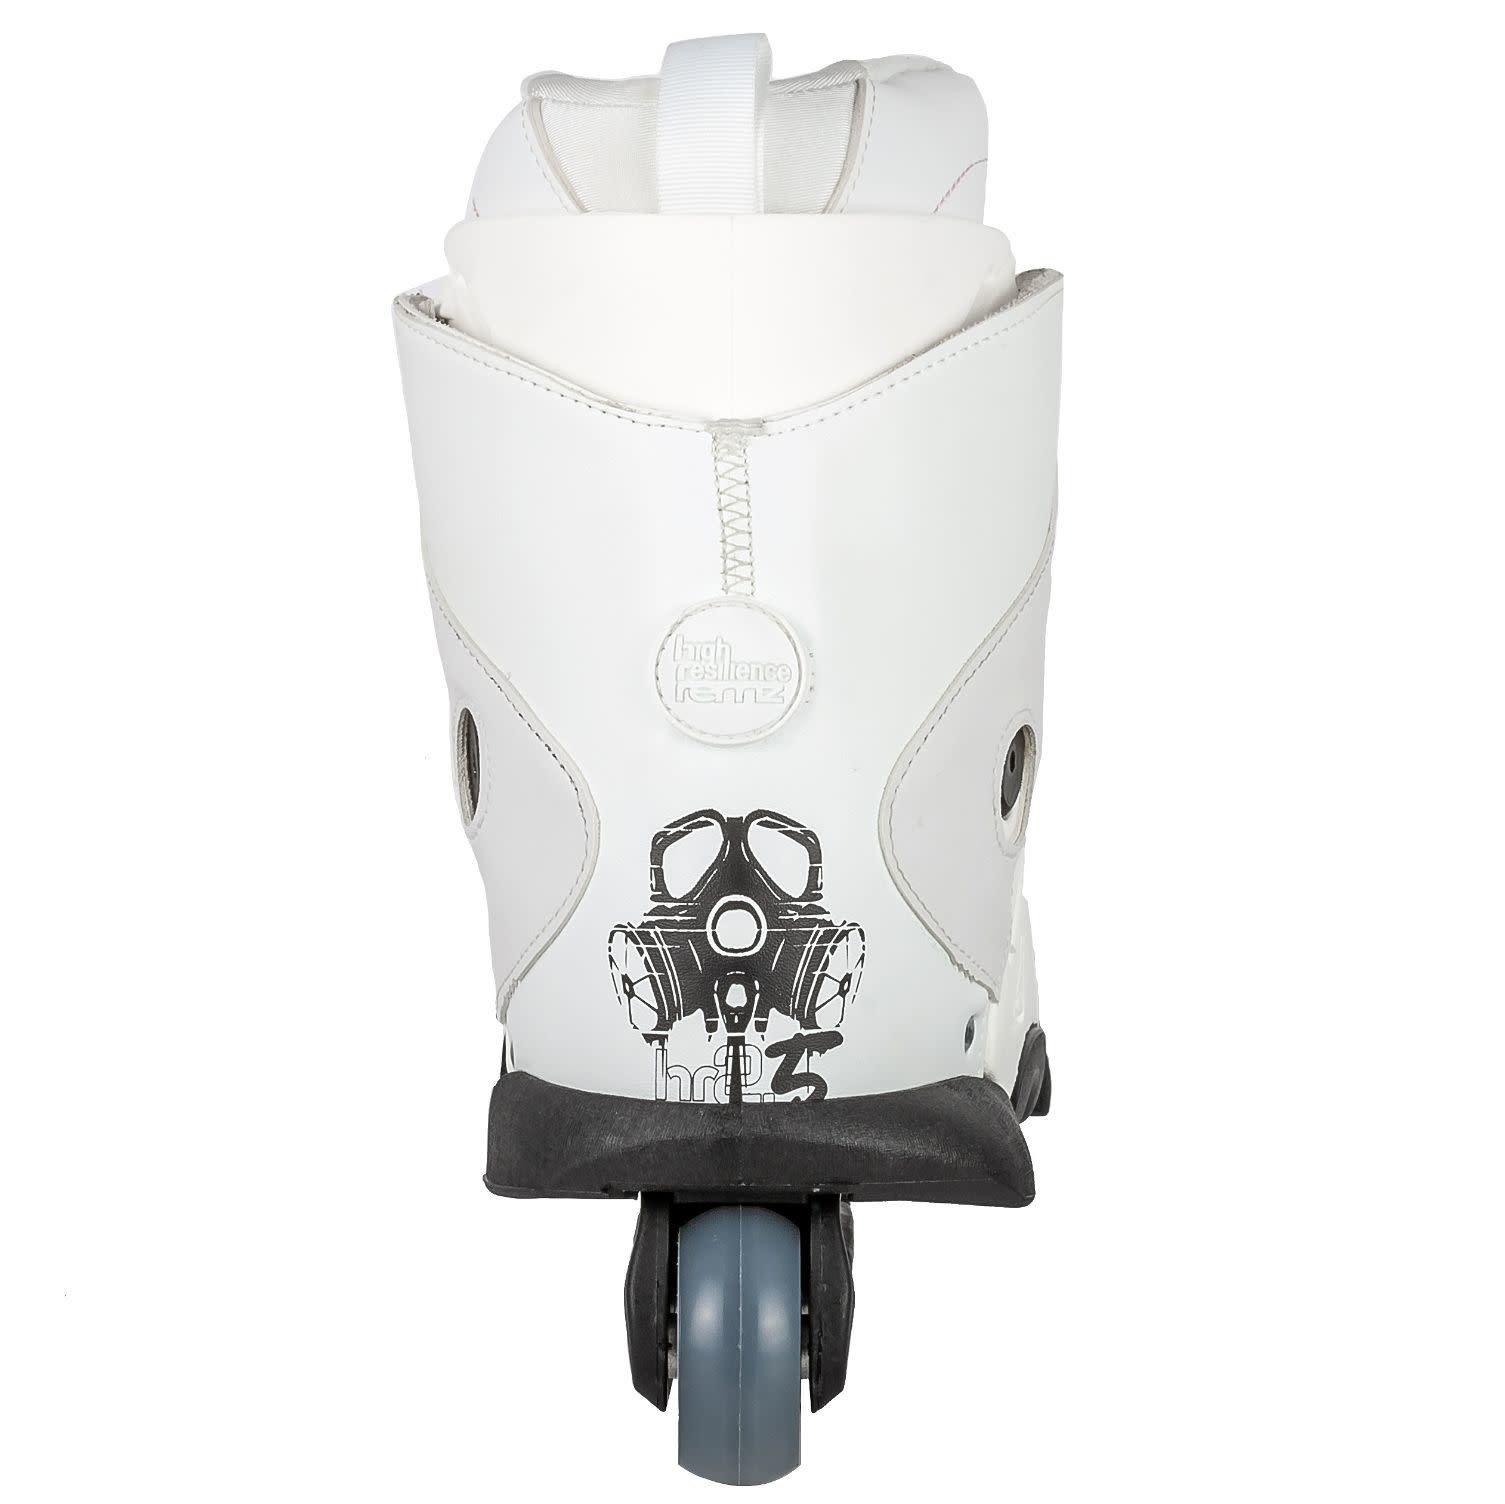 Remz HR2.5 - White